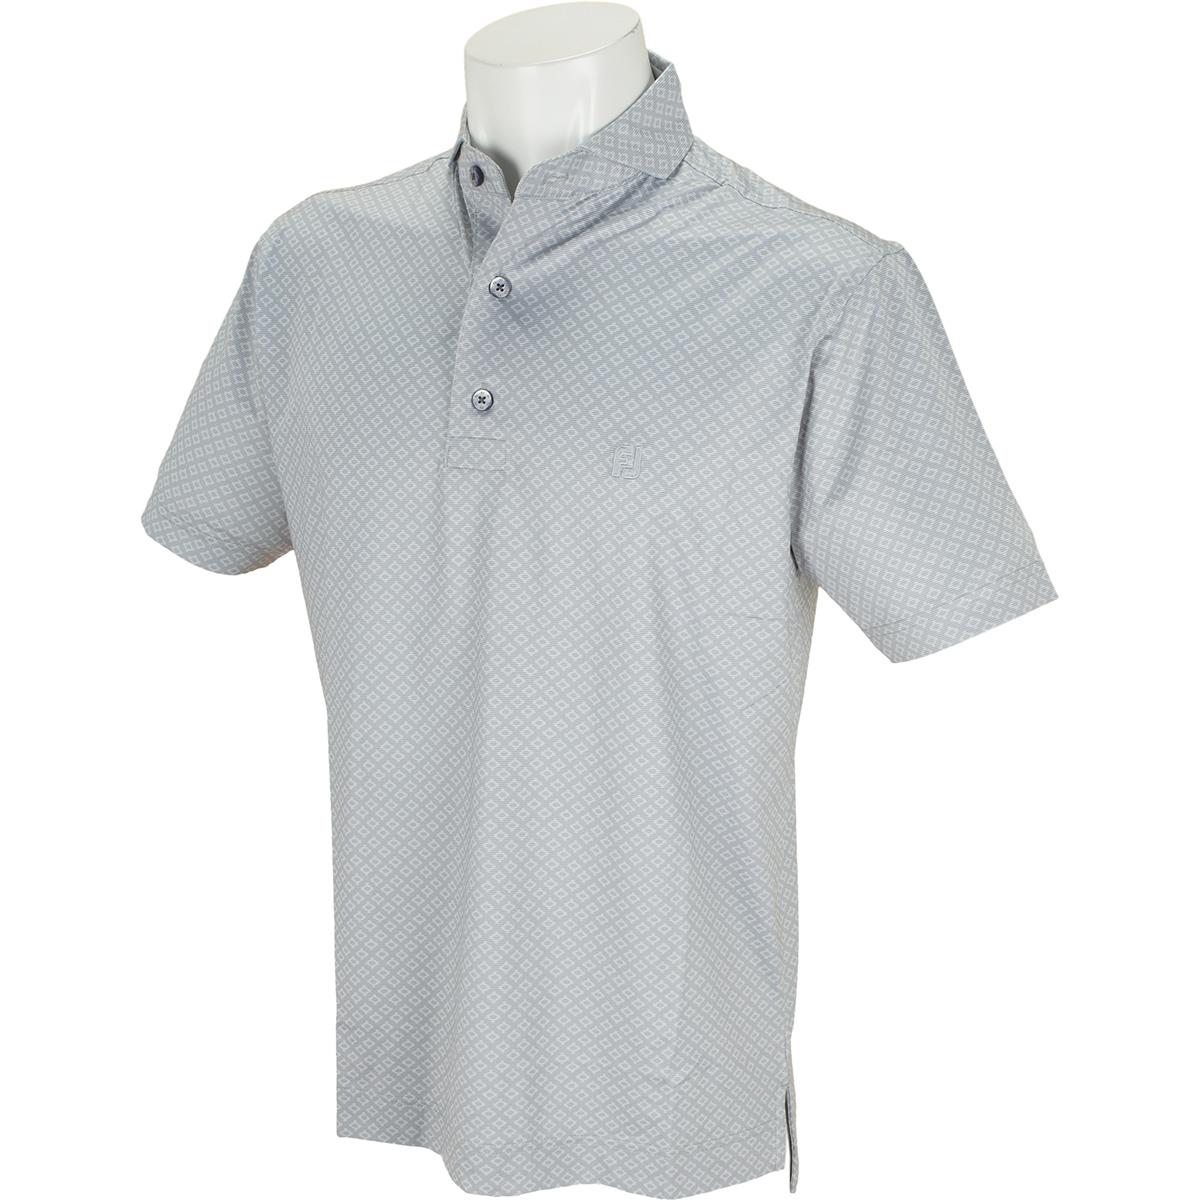 ジオメトリックプリント ライル半袖ポロシャツ